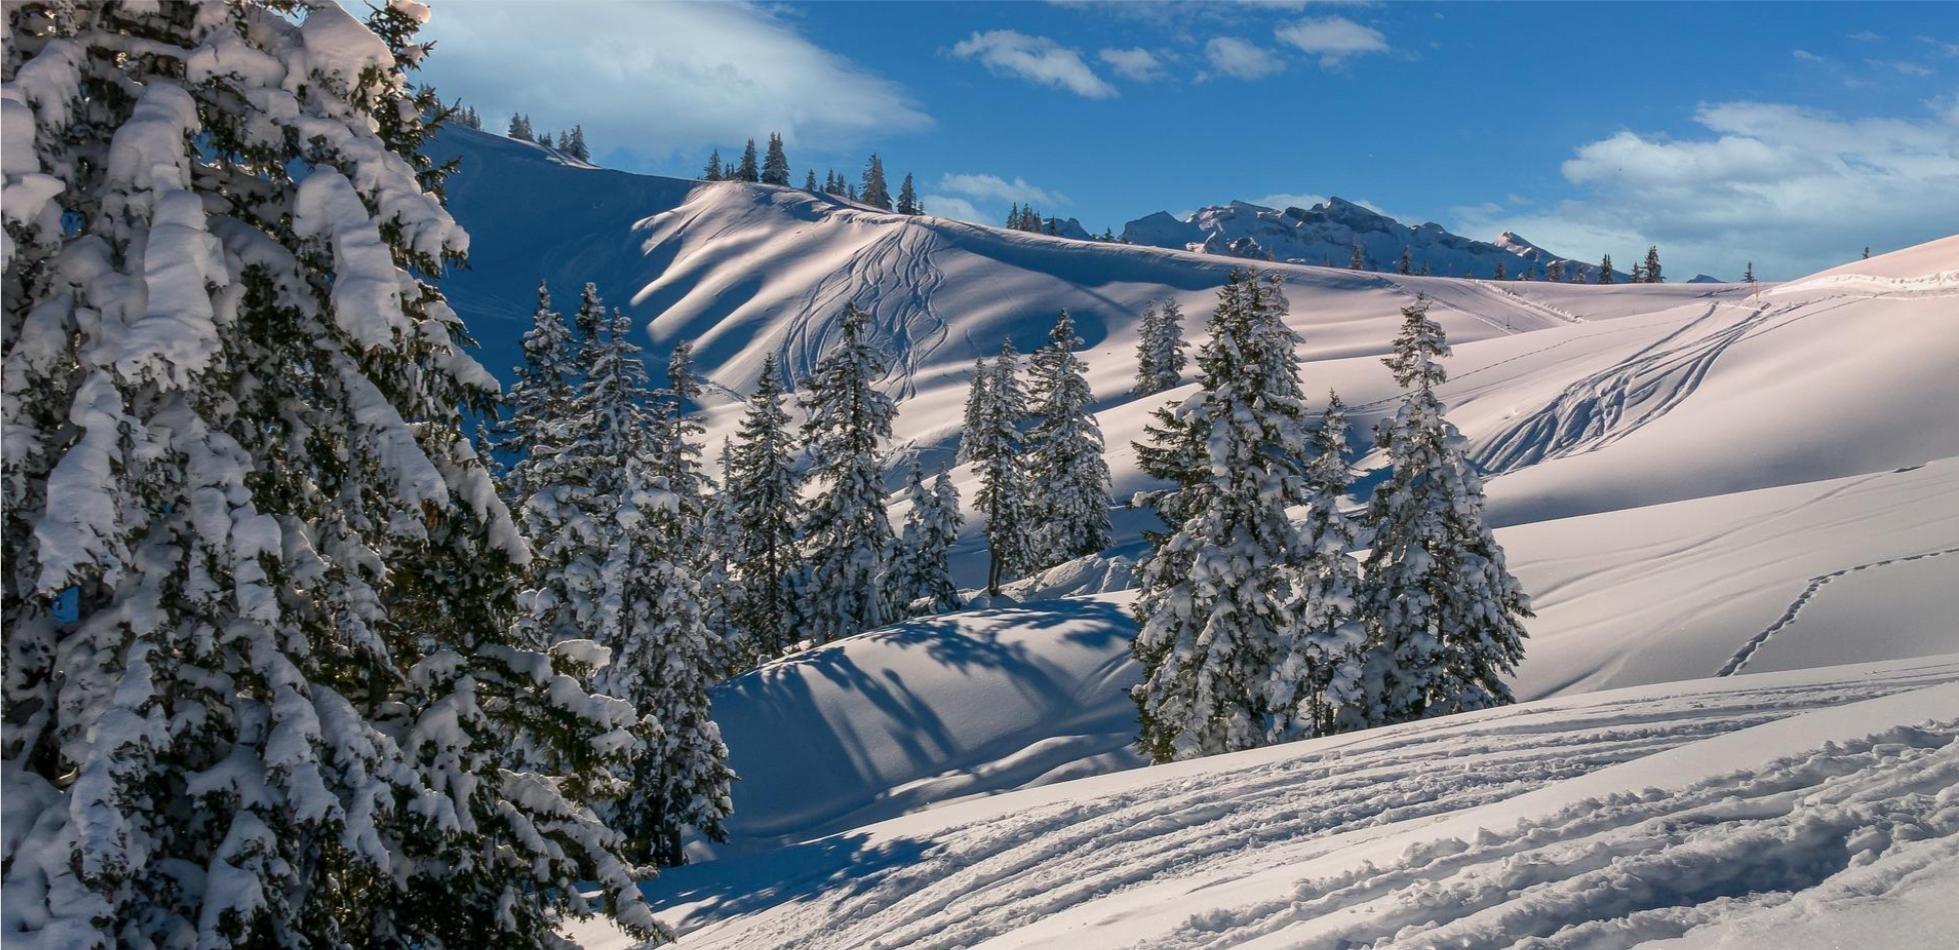 W górach spadł śnieg. Przed nami kolejne opady!